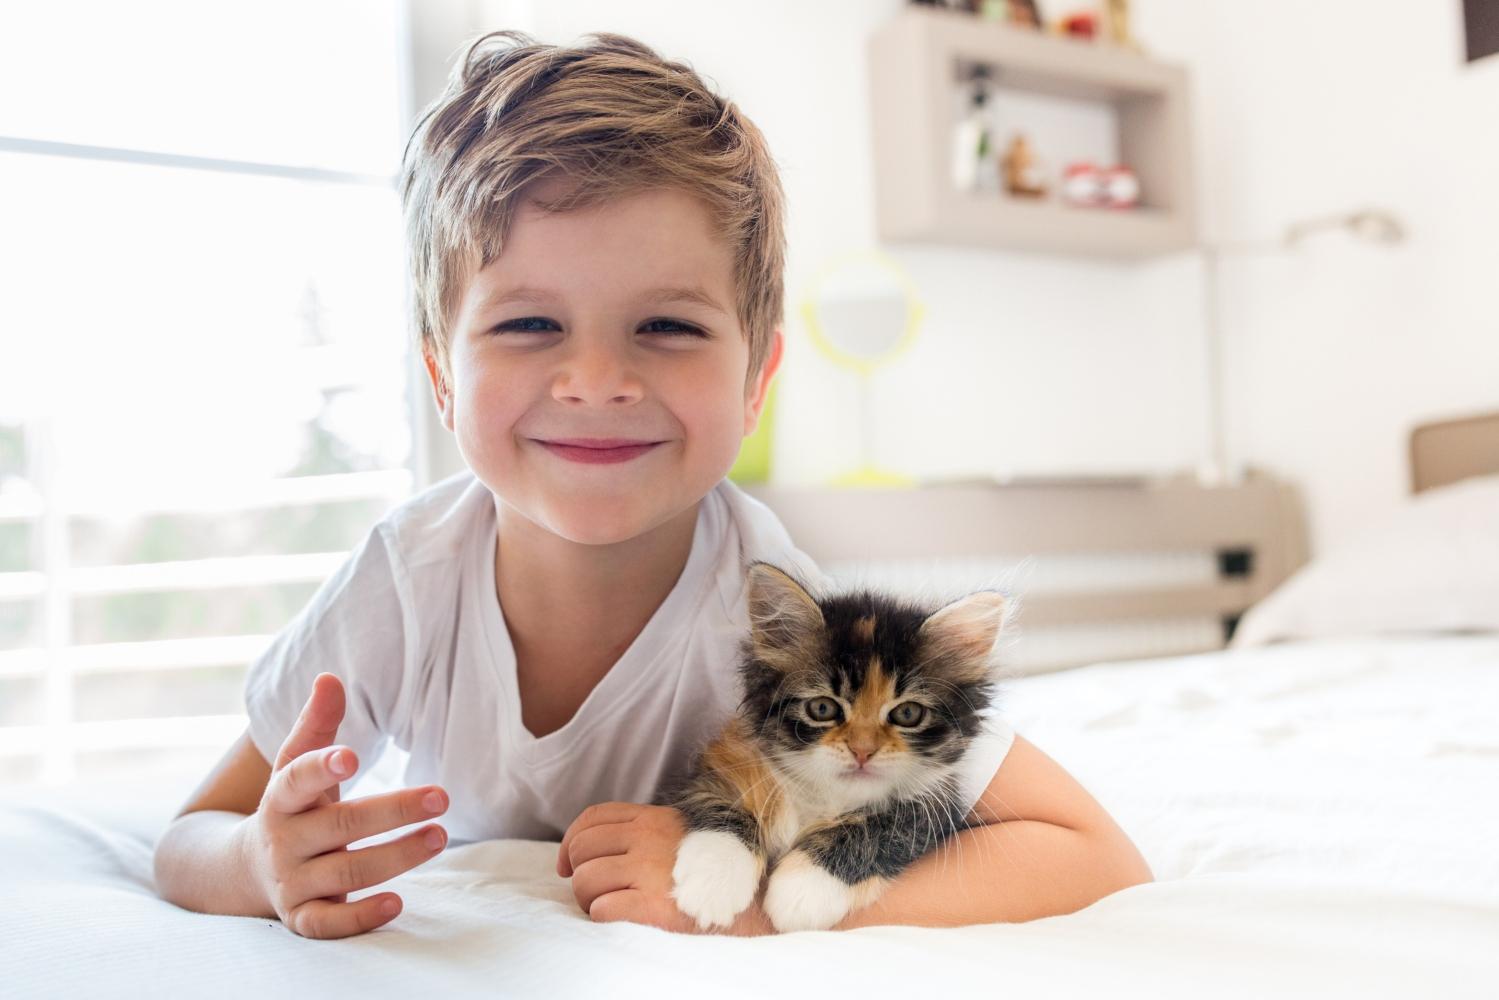 rapaz com gato adoptado